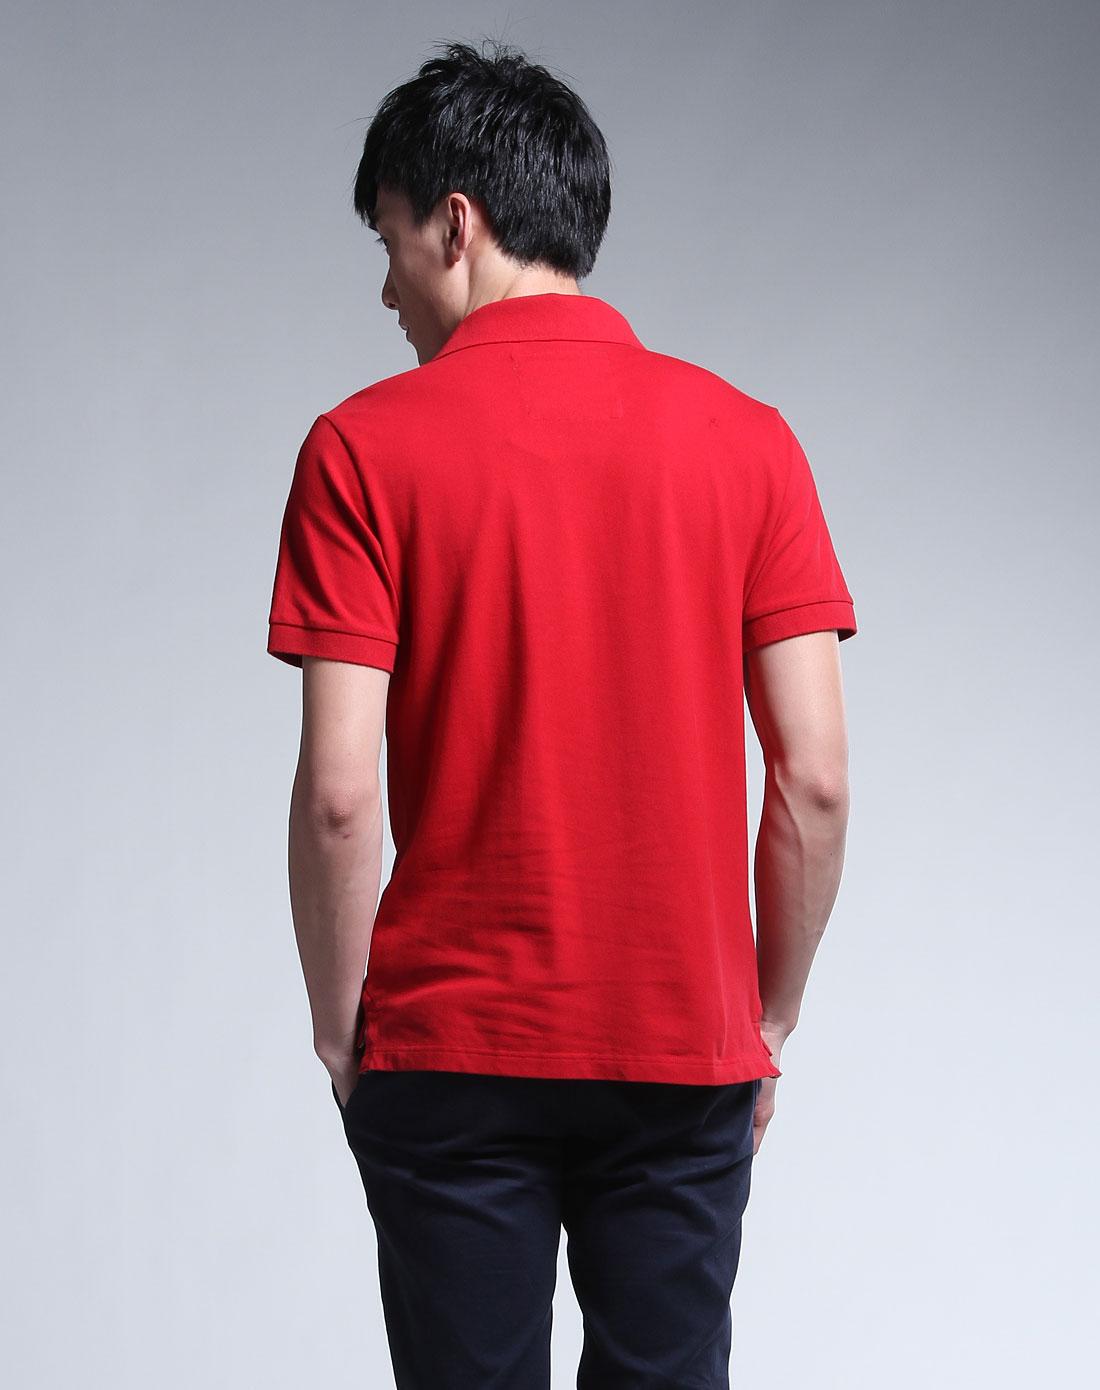 _阿尔皮纳(袋鼠)l\'alpina男装专场-大红色翻领短袖t恤